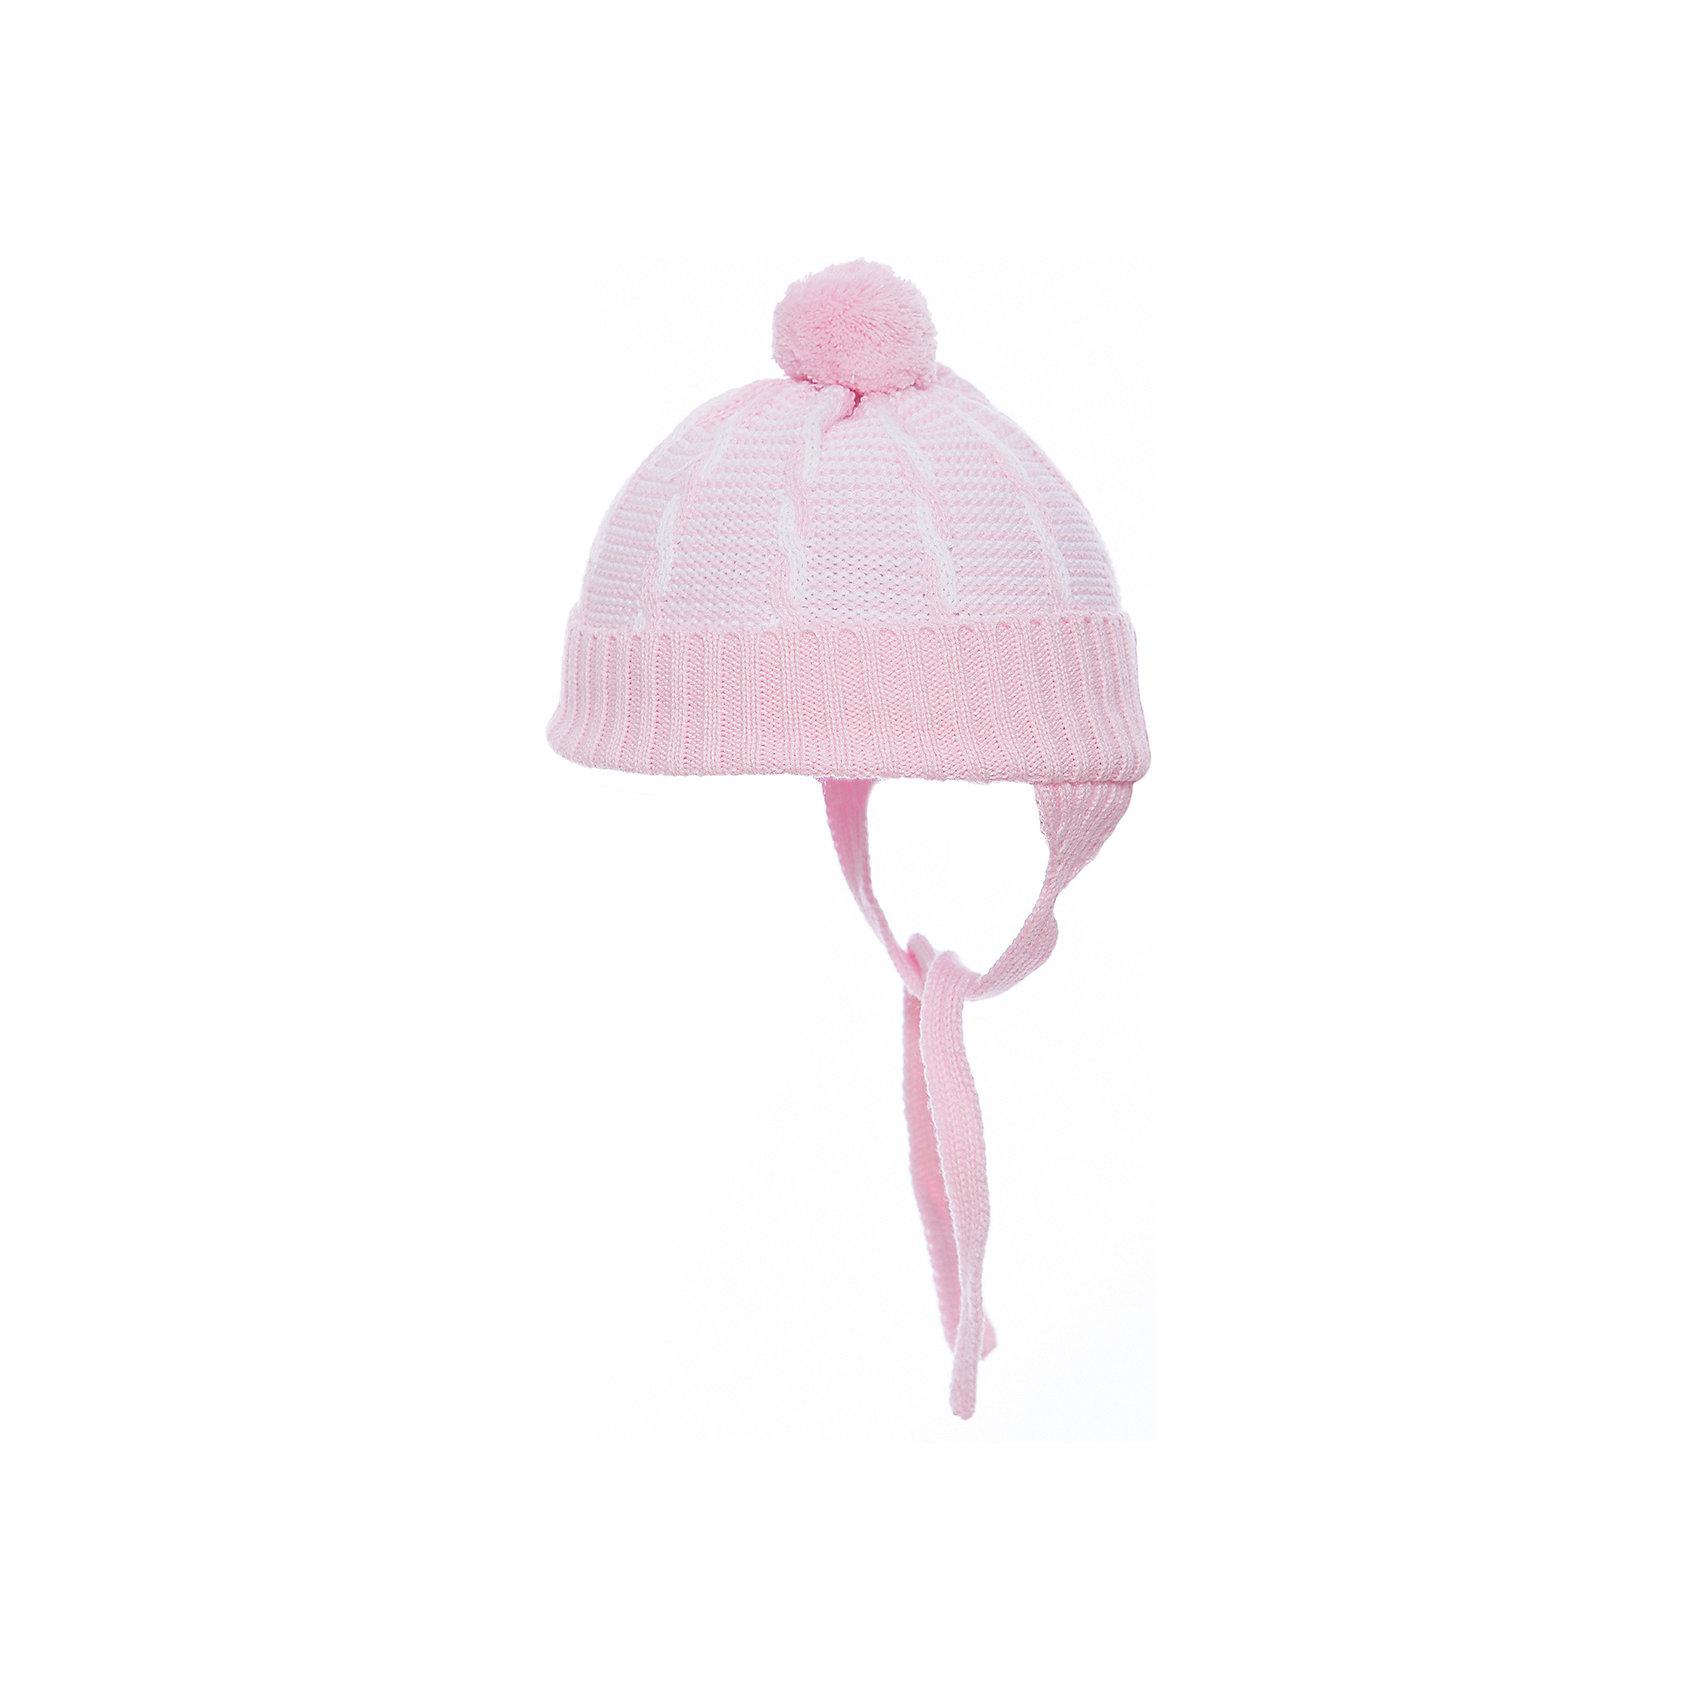 Шапка АртельГоловные уборы<br>Шапка от торговой марки Артель <br><br>Мягкая теплая шапка отлично смотрится на детях и комфортно сидит. Изделие выполнено из качественных материалов.<br>Одежда от бренда Артель – это высокое качество по приемлемой цене и всегда продуманный дизайн. <br><br>Особенности модели: <br>- цвет — розовый; <br>- украшена помпоном;<br>- есть завязки; <br>- натуральный хлопок с добавкой пана. <br><br>Дополнительная информация: <br><br>Состав: 50% хлопок, 50% пан.<br><br><br>Температурный режим: <br>от -10 °C до +10 °C <br><br>Шапку Артель (Artel) можно купить в нашем магазине.<br><br>Ширина мм: 89<br>Глубина мм: 117<br>Высота мм: 44<br>Вес г: 155<br>Цвет: розовый<br>Возраст от месяцев: 9<br>Возраст до месяцев: 12<br>Пол: Женский<br>Возраст: Детский<br>Размер: 46,44,52,50,48<br>SKU: 4500599